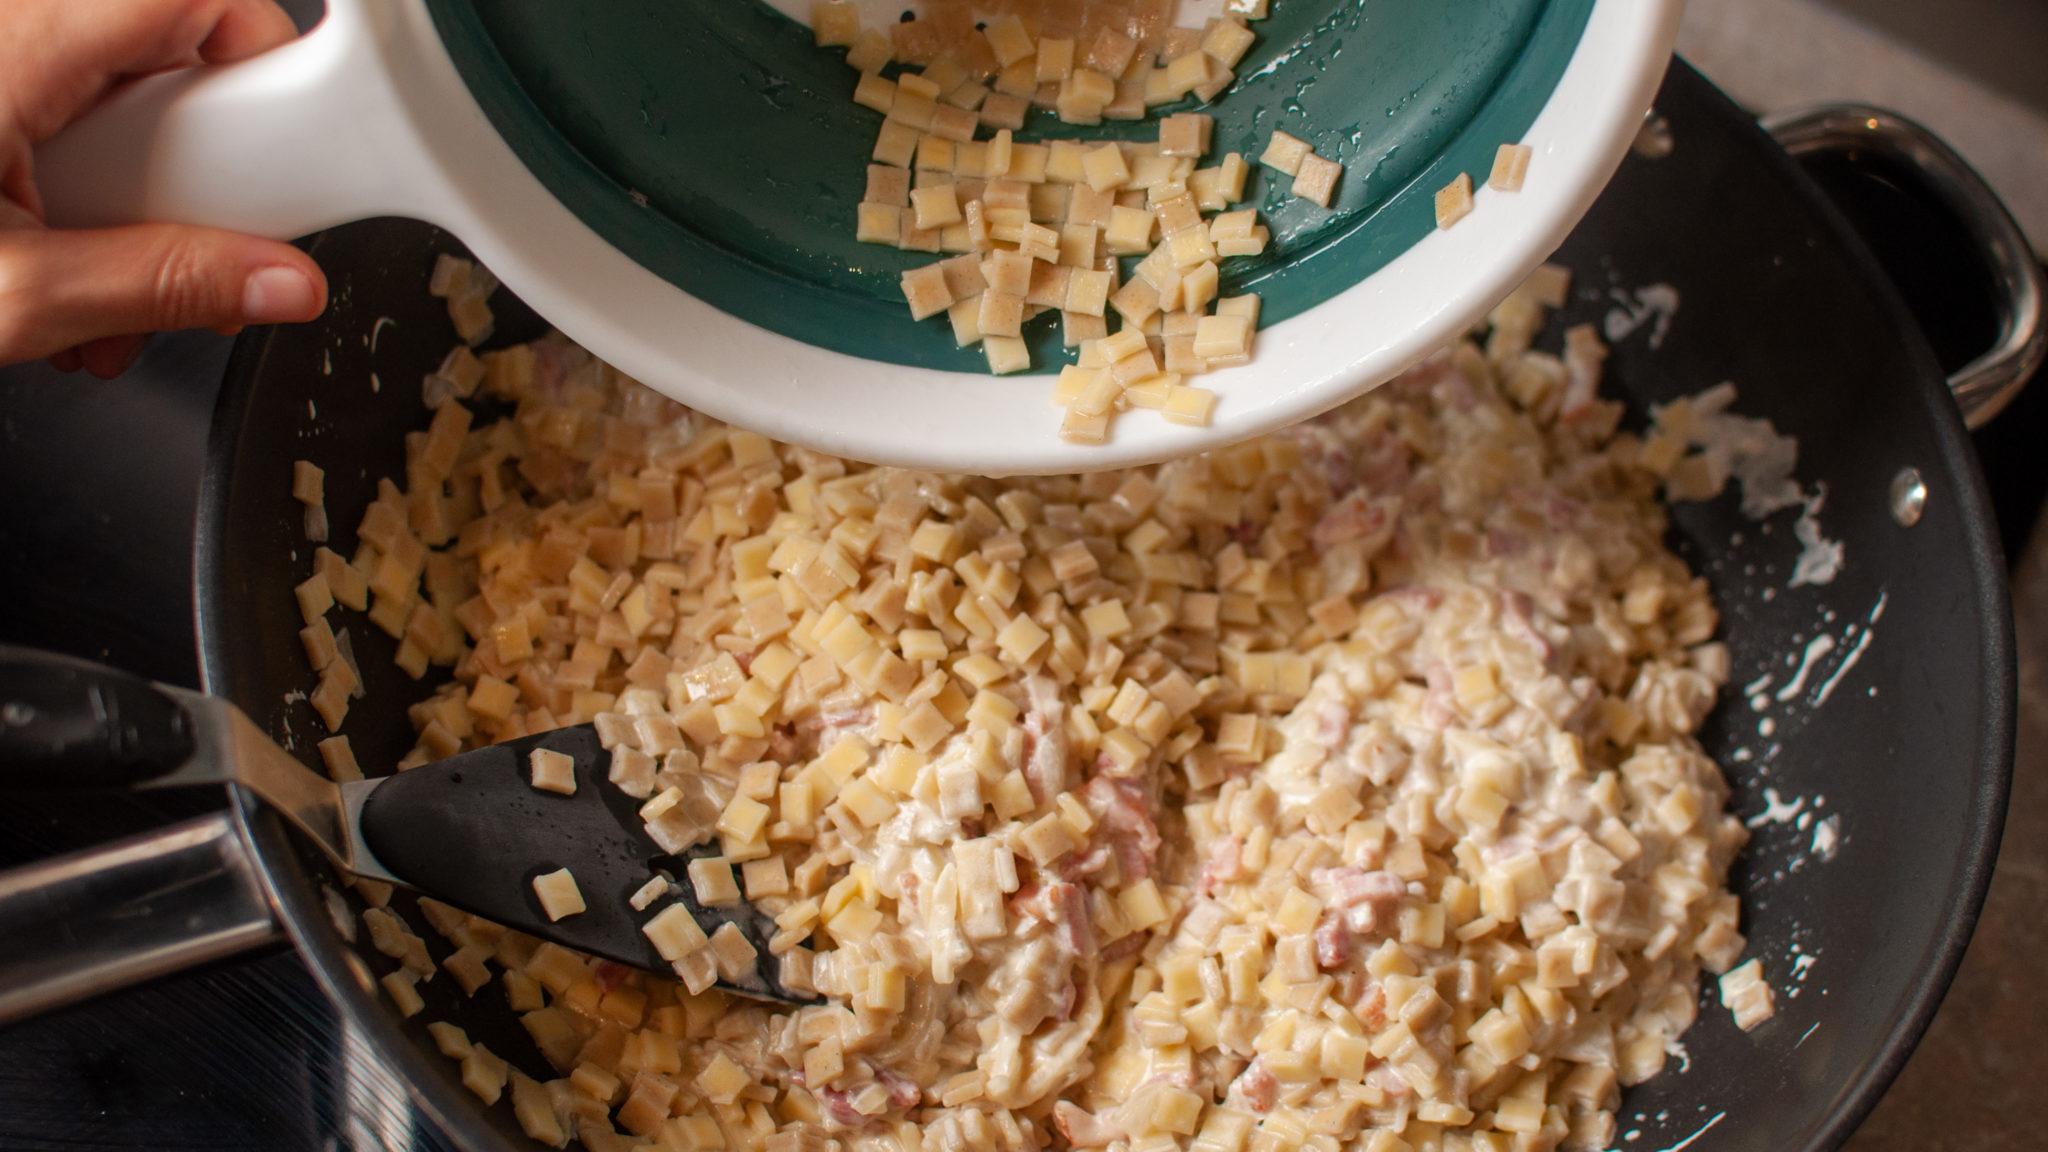 Mélange des Crozets - La recette de Croziflette au Reblochon facile rapide et gourmande